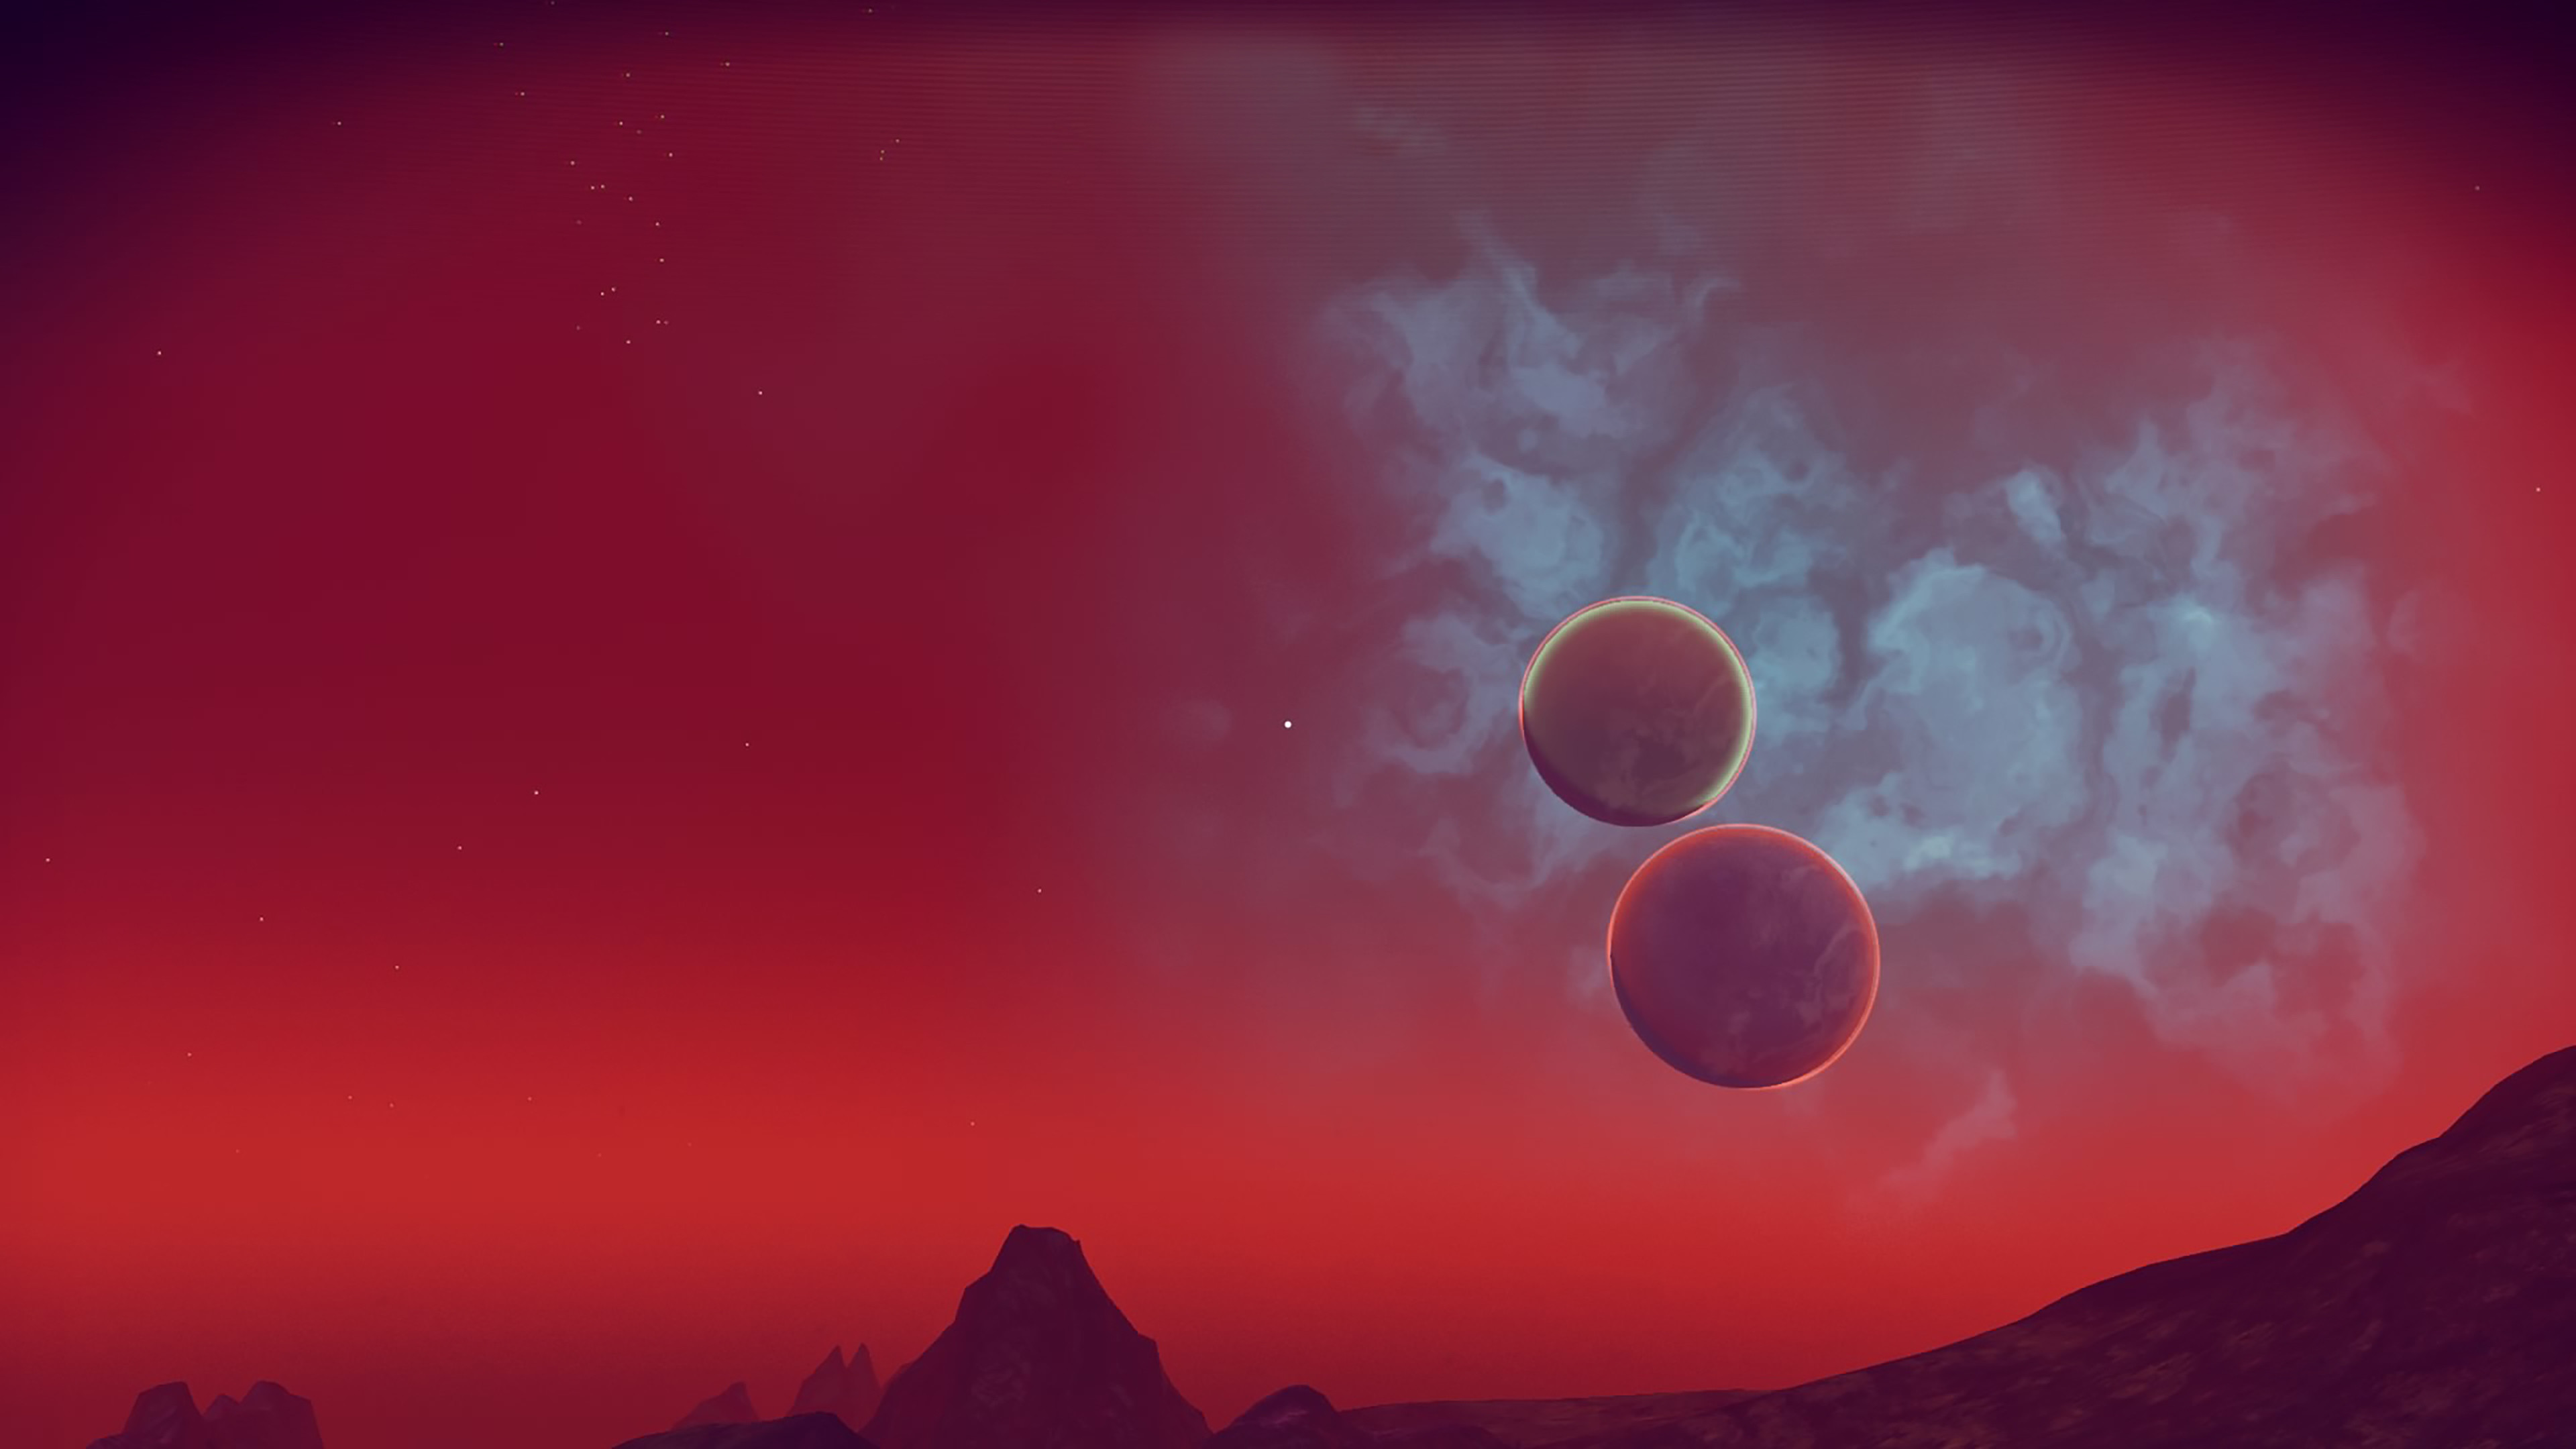 Ảnh background bầu trời và hai mặt trăng